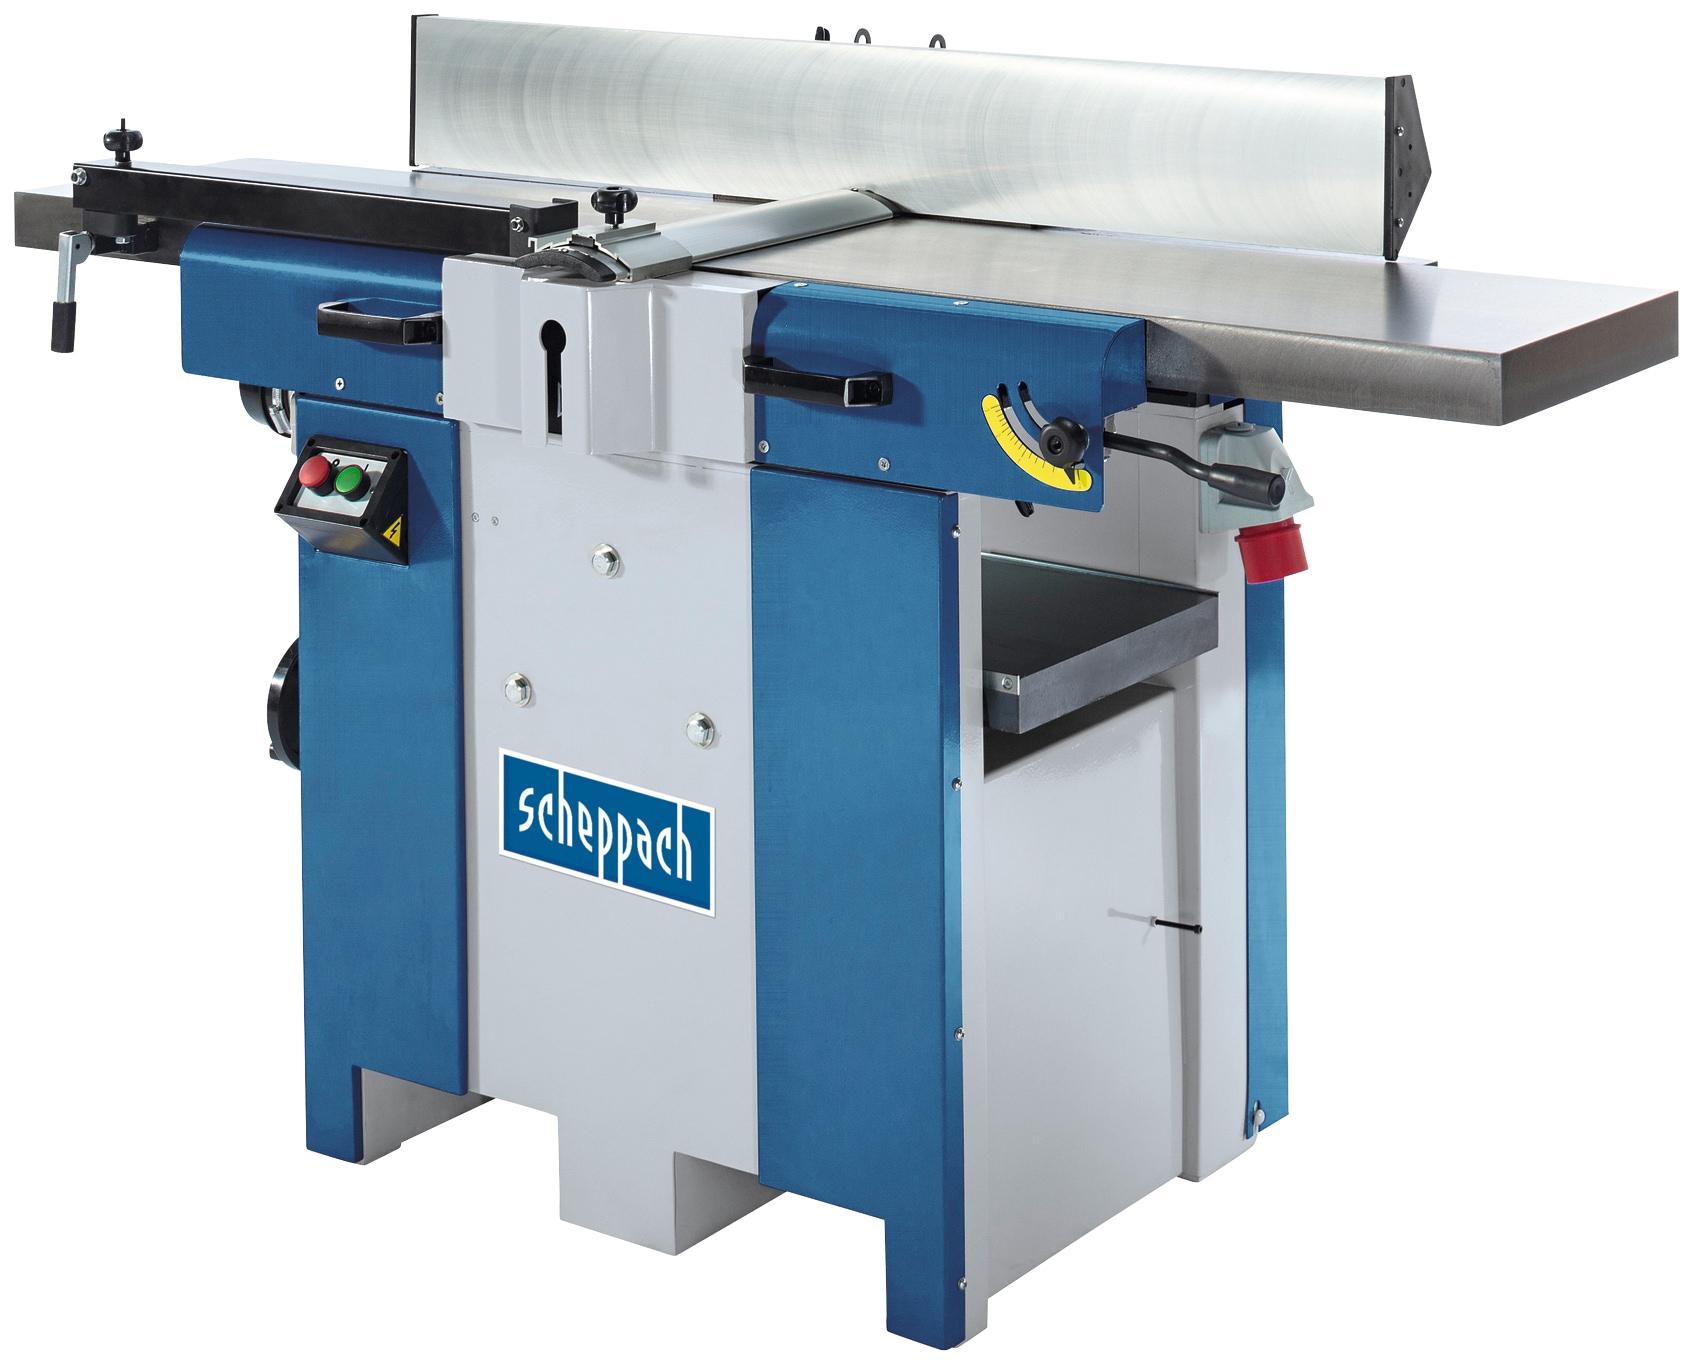 SCHEPPACH Hobel »Plana 4.1c«, 400V 50Hz 2500W - 310mm   Baumarkt > Werkzeug > Hobel und Tacker   Blau   SCHEPPACH